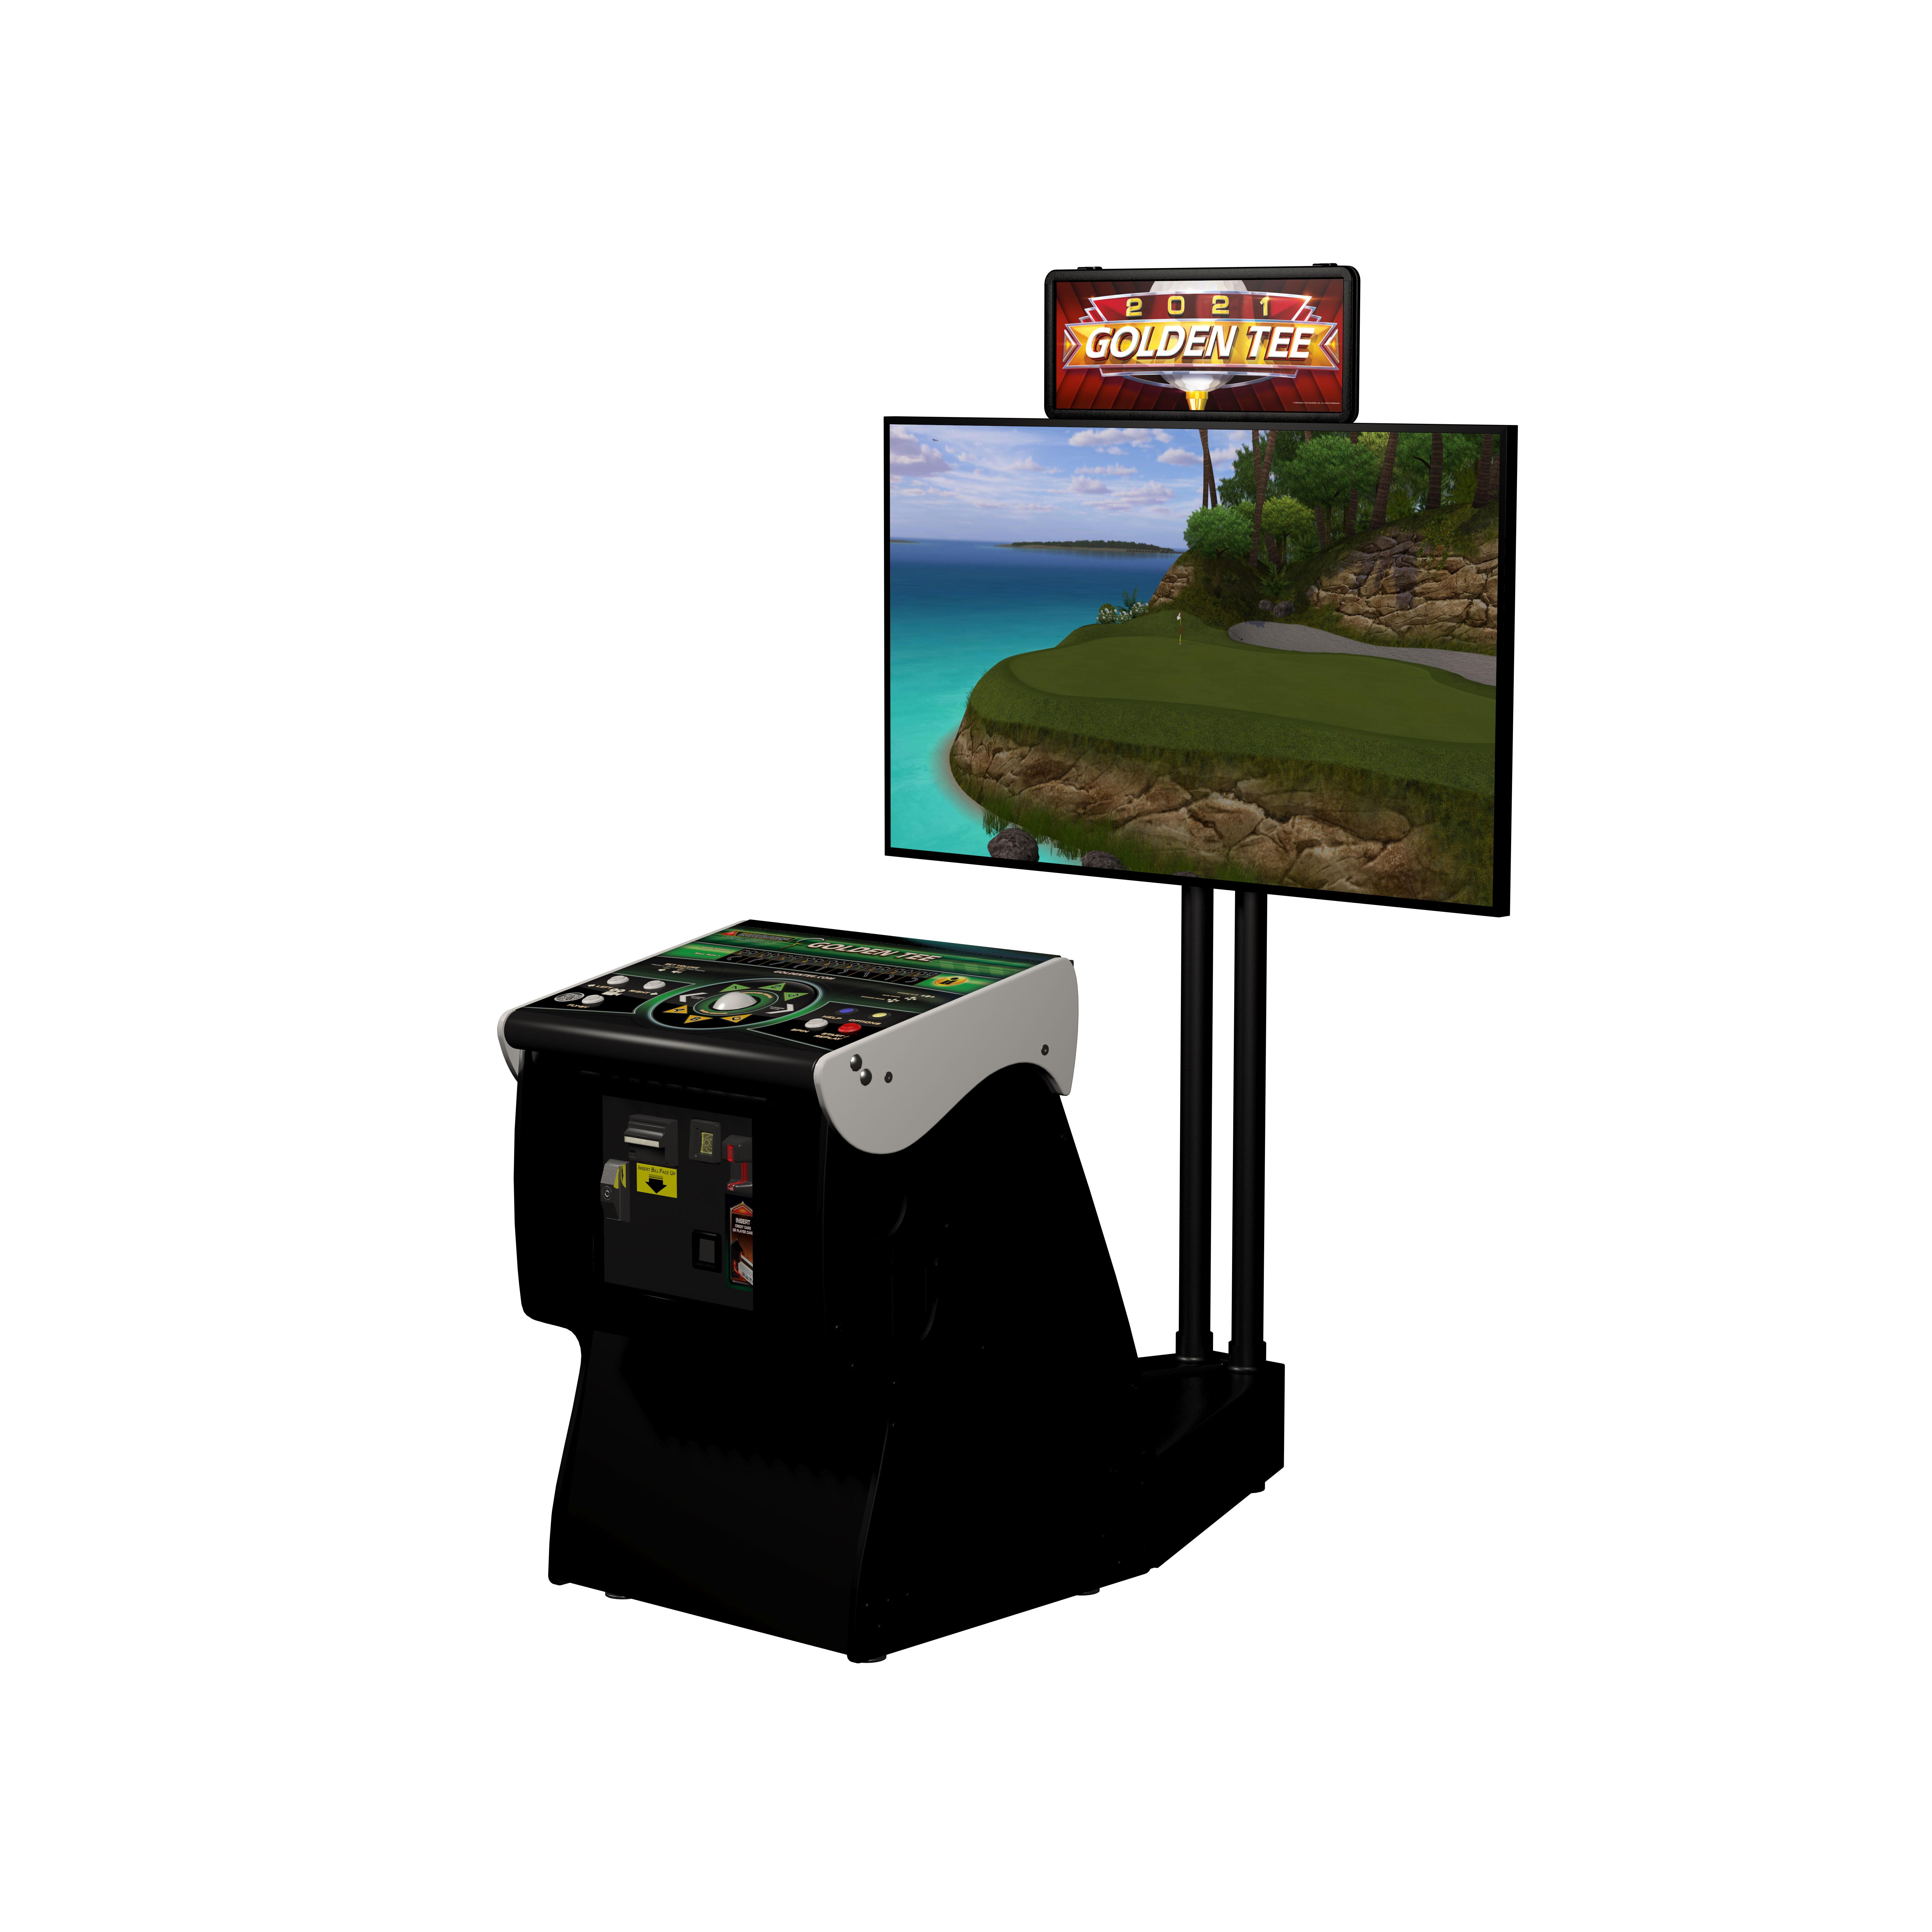 Golden Tee Cabinet Incredible Technologies Inc Games Golden Tee Live Downloads